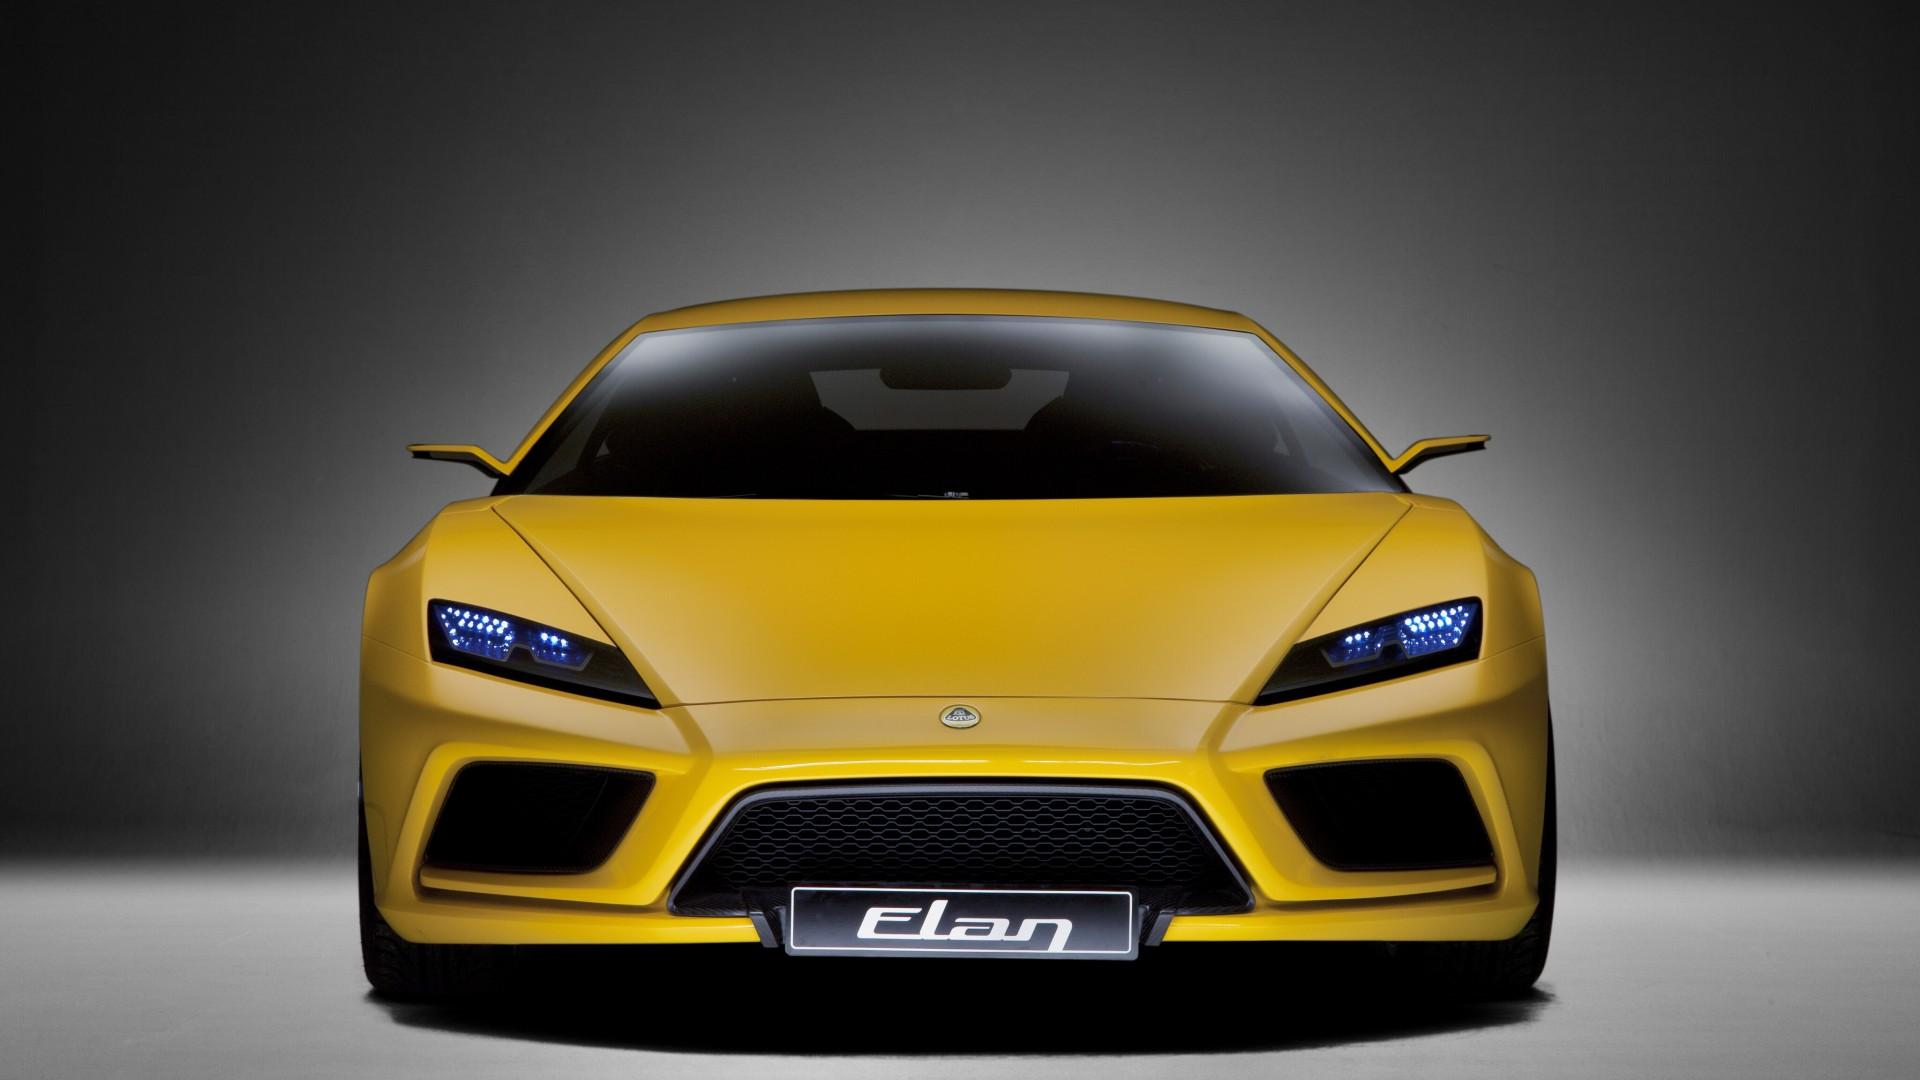 El Lotus Elan podría resucitar como rival del Porsche 718 Boxster